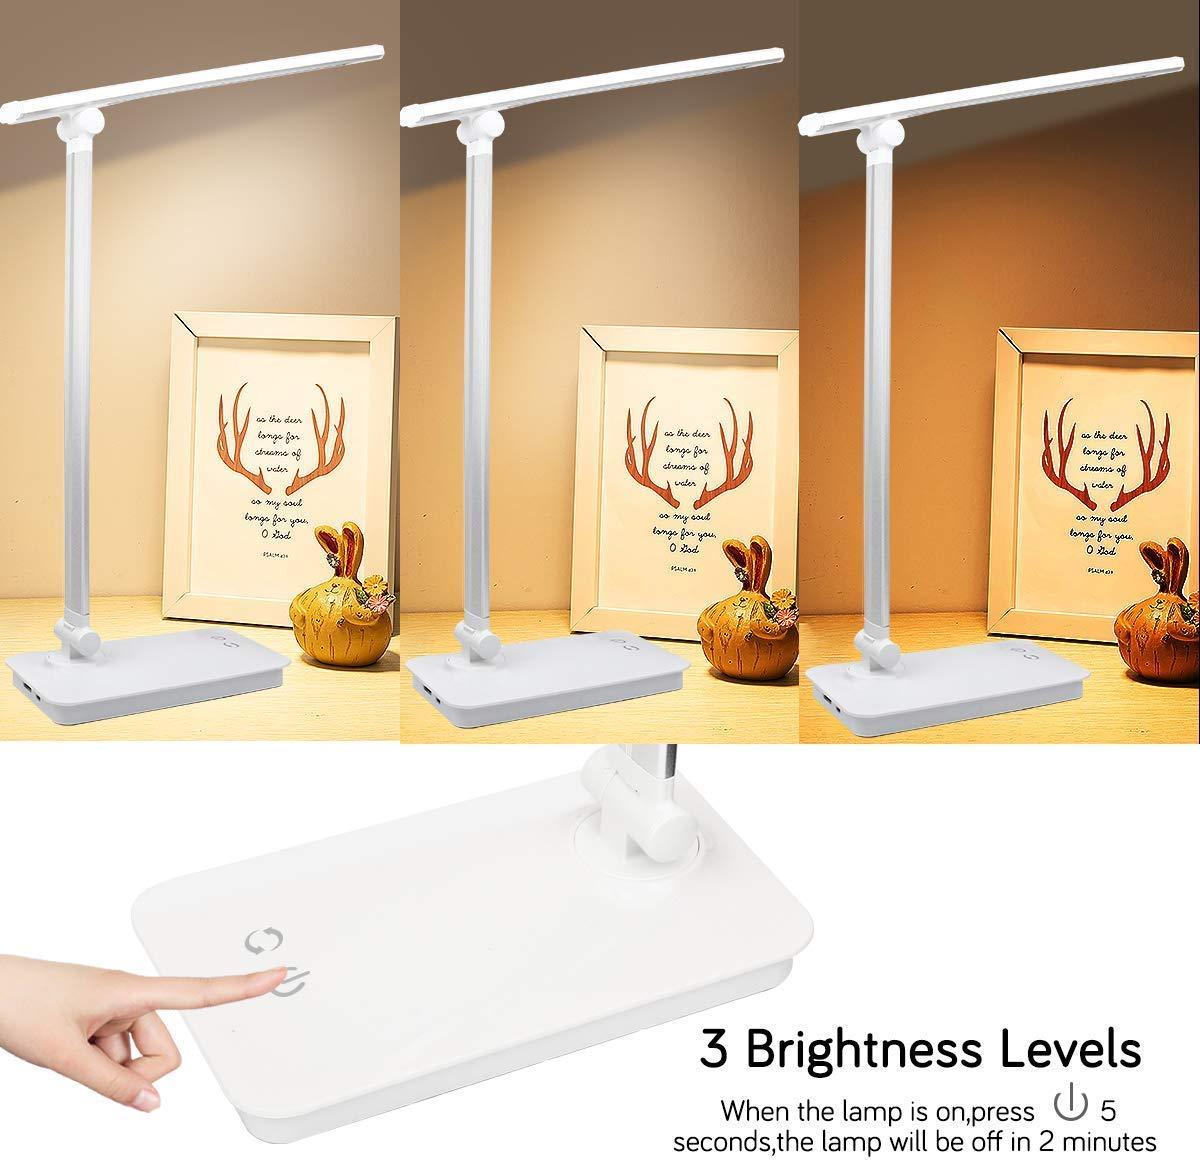 LED-Schreibtischlampe dimmbare LED-Tischlampe 3 Beleuchtungsmodi 5 Helligkeitsstufen Silver Touch-Steuerung aufmerksamkeitsstarke Klapptischlampen mit USB-Ladeanschluss